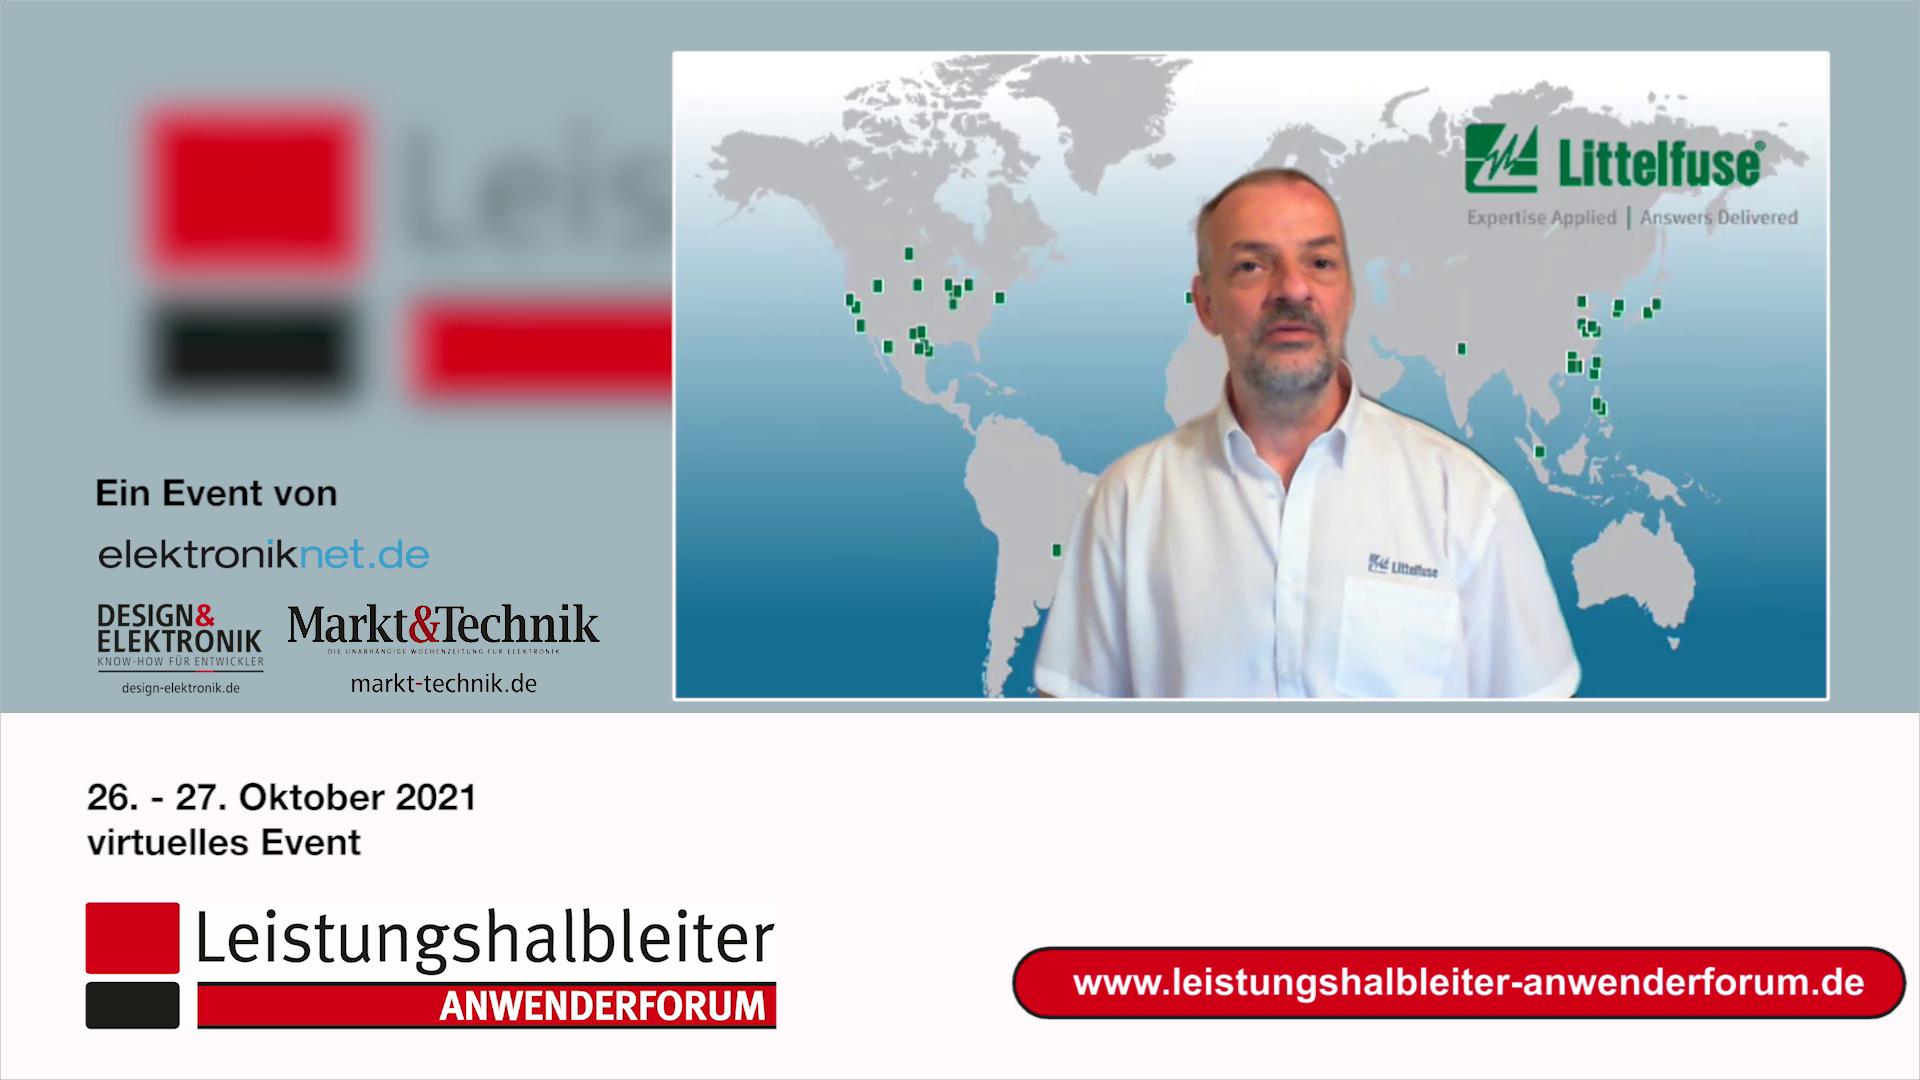 Dr. Martin Schulz, Littelfuse, auf dem Anwenderforum Leistungshalbleiter